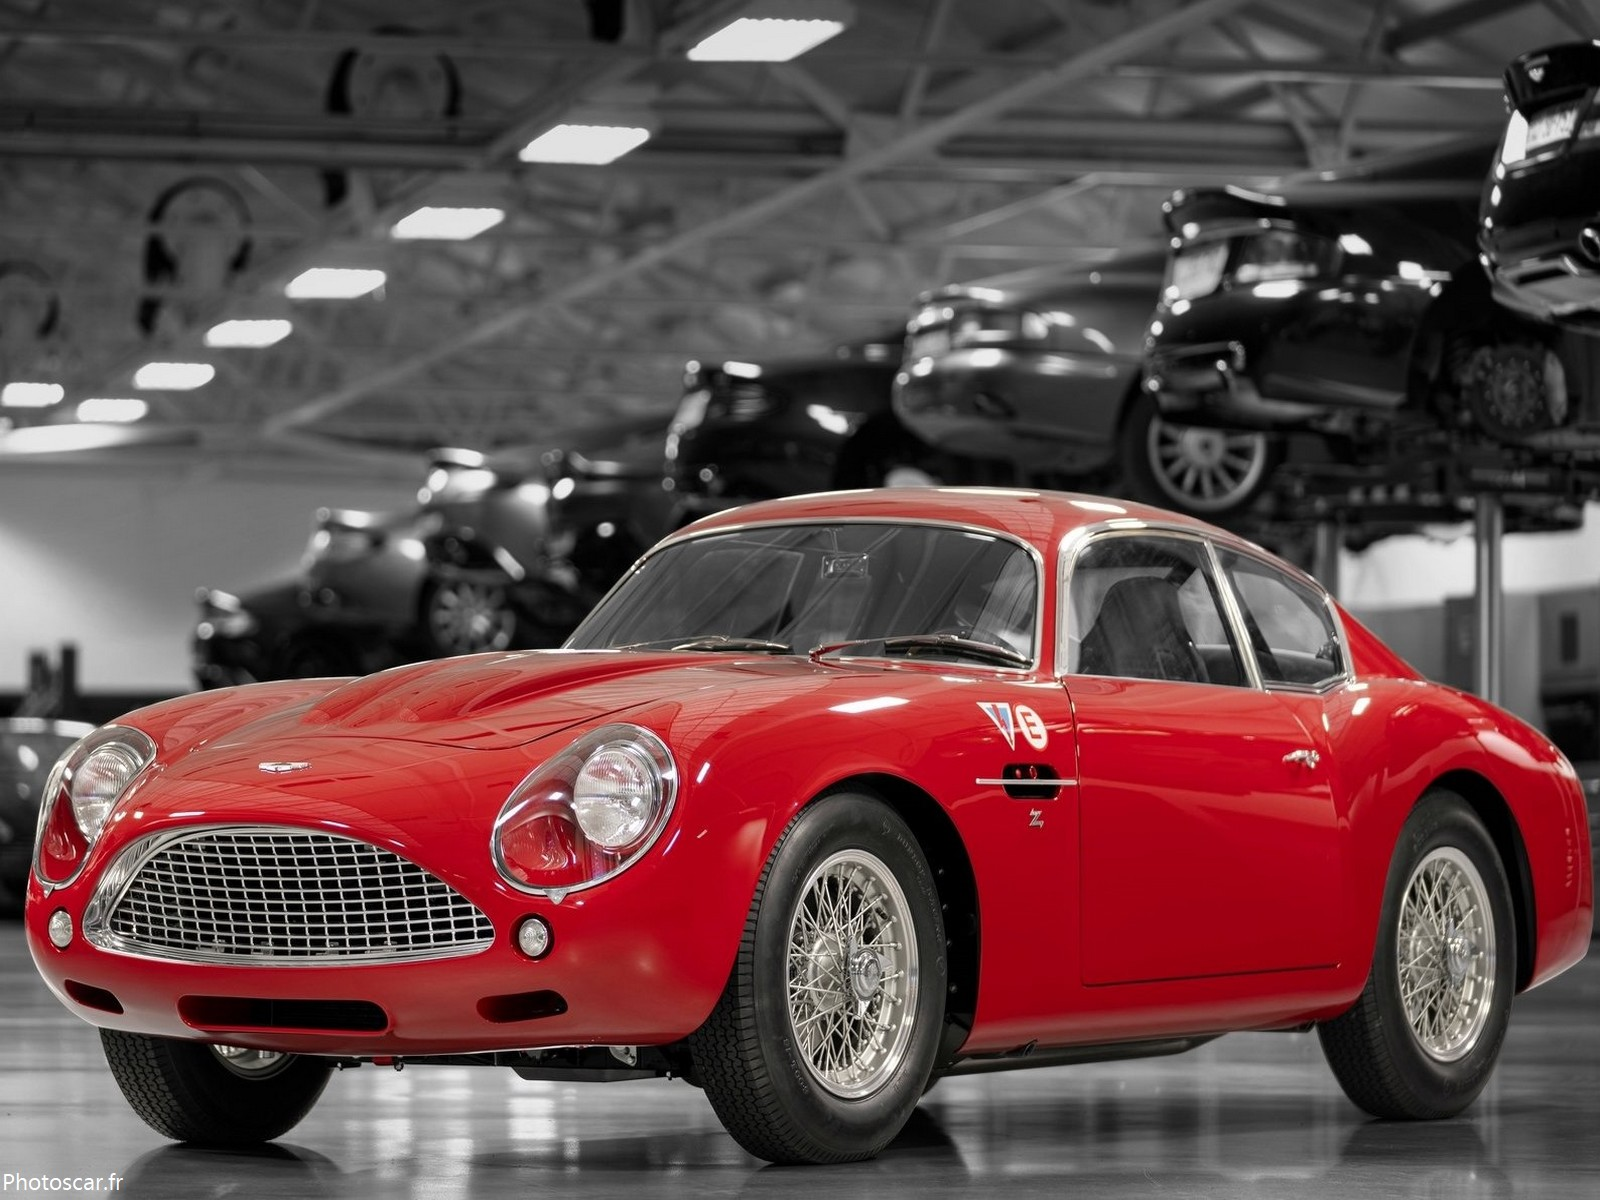 Aston Martin DB4 GT Zagato Continuation 2019